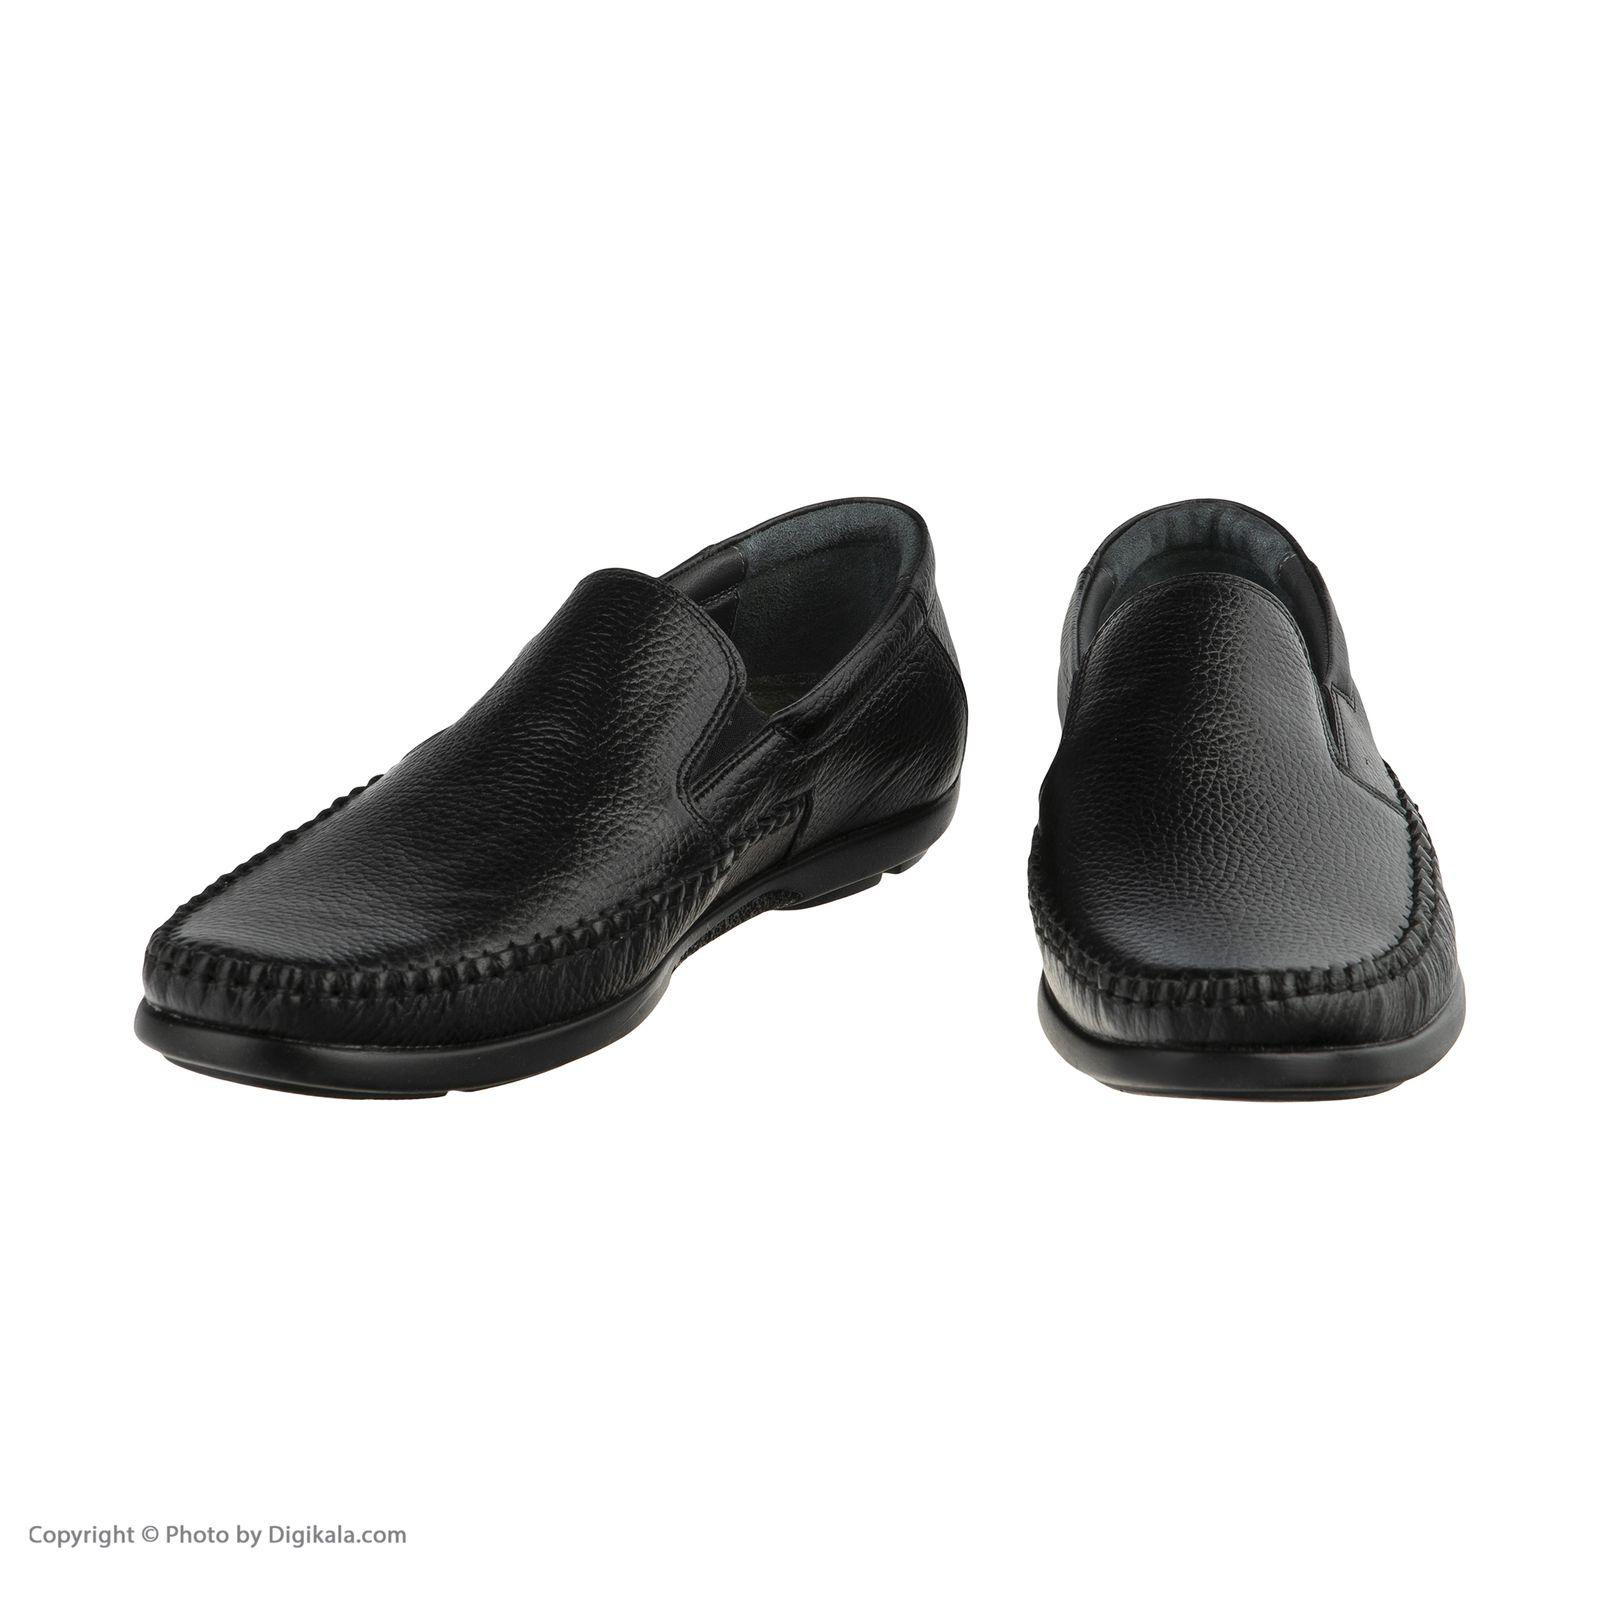 کفش روزمره مردانه سوته مدل 5000B503101 -  - 8